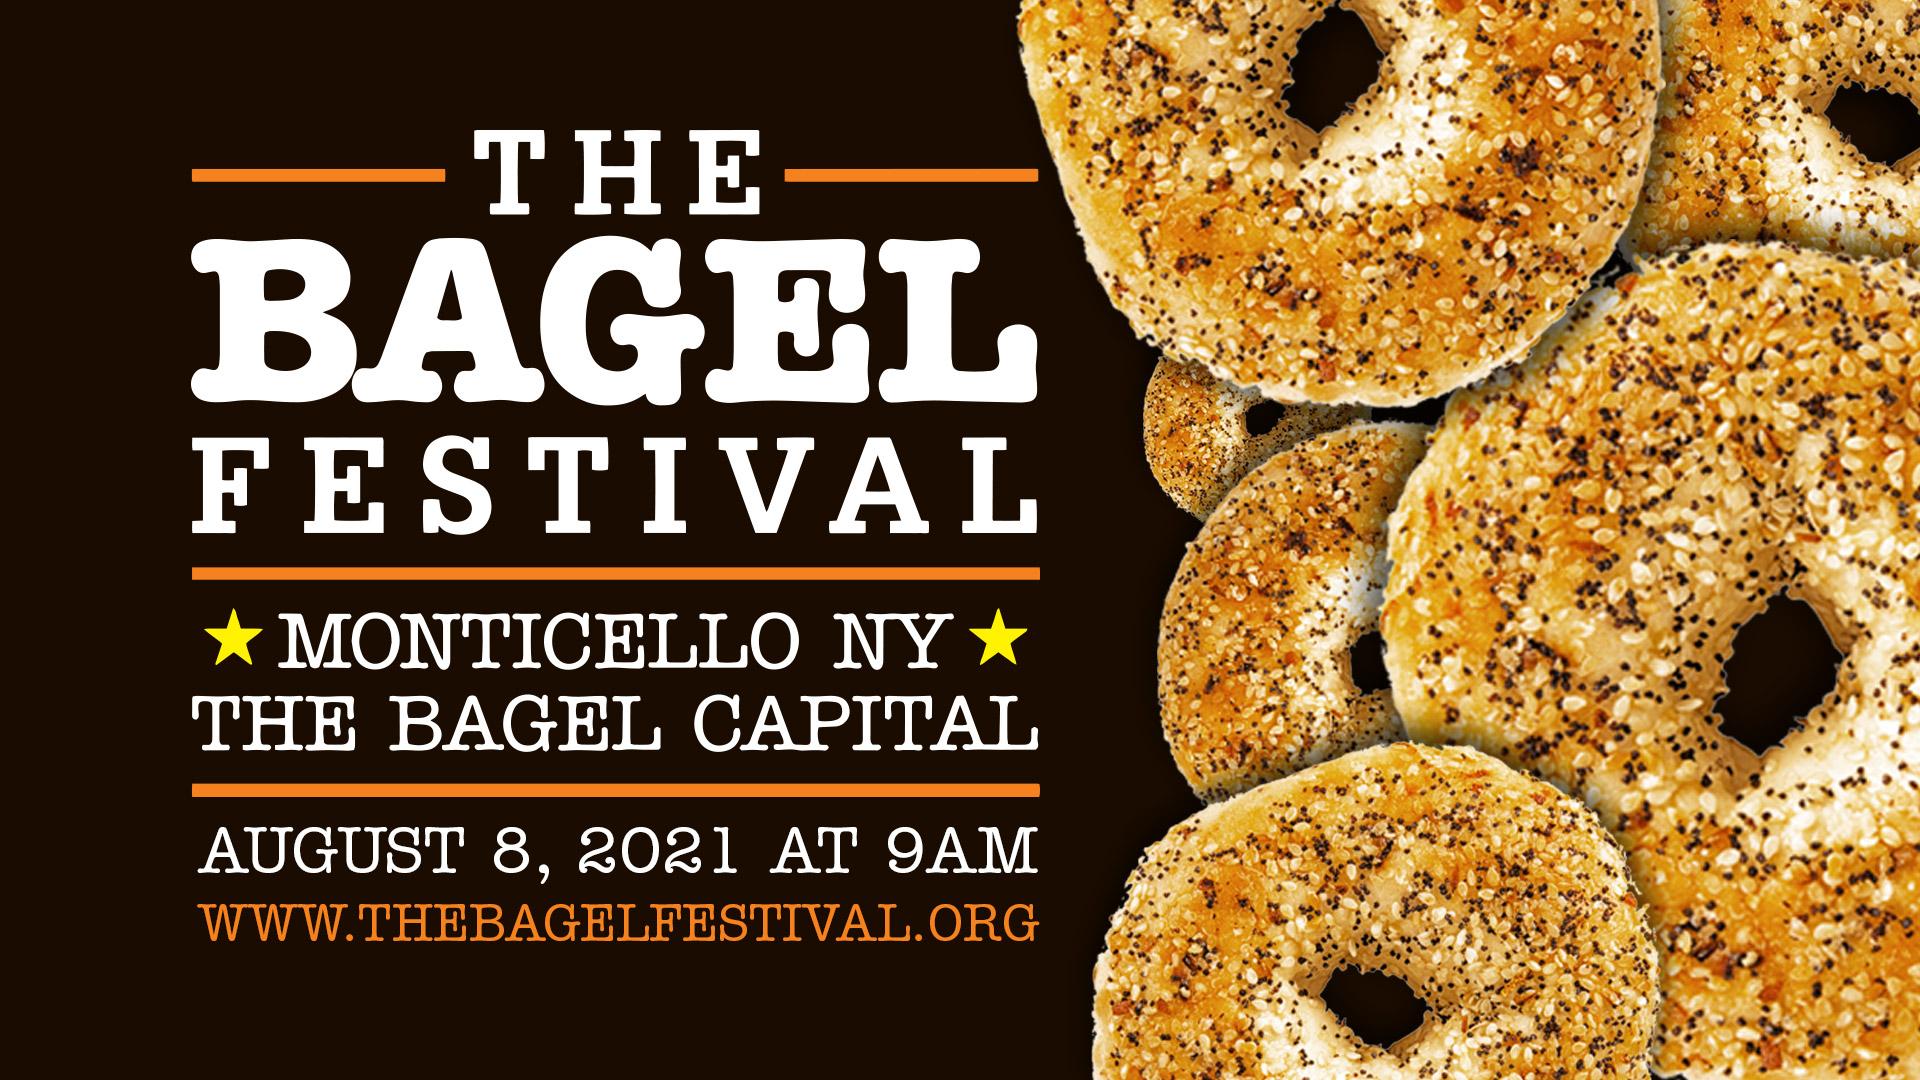 bagelfest-fb-event-header